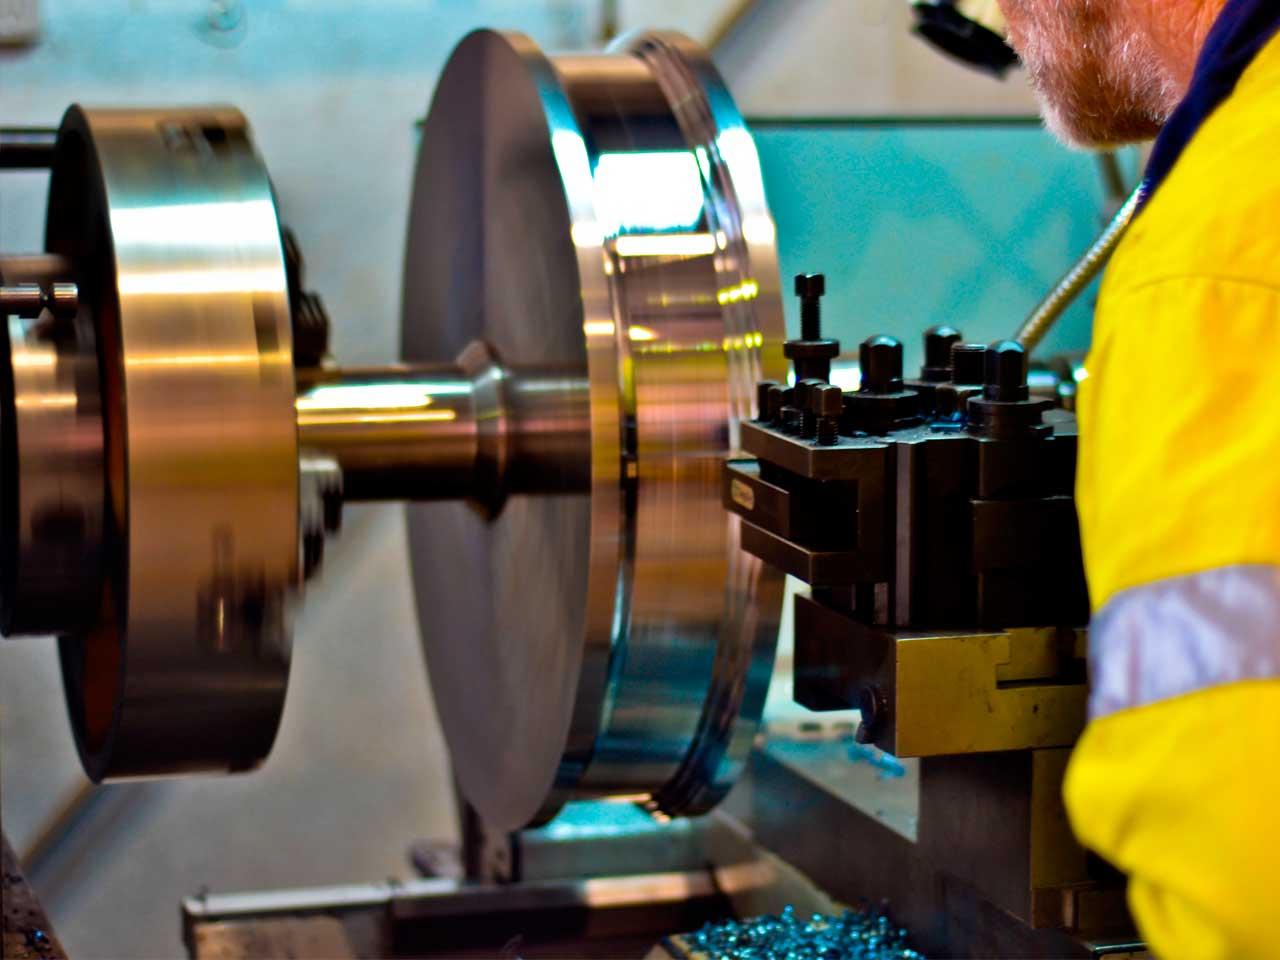 Teknosin srl costruzione impianti industriali for Ccnl legno e arredamento piccola e media industria